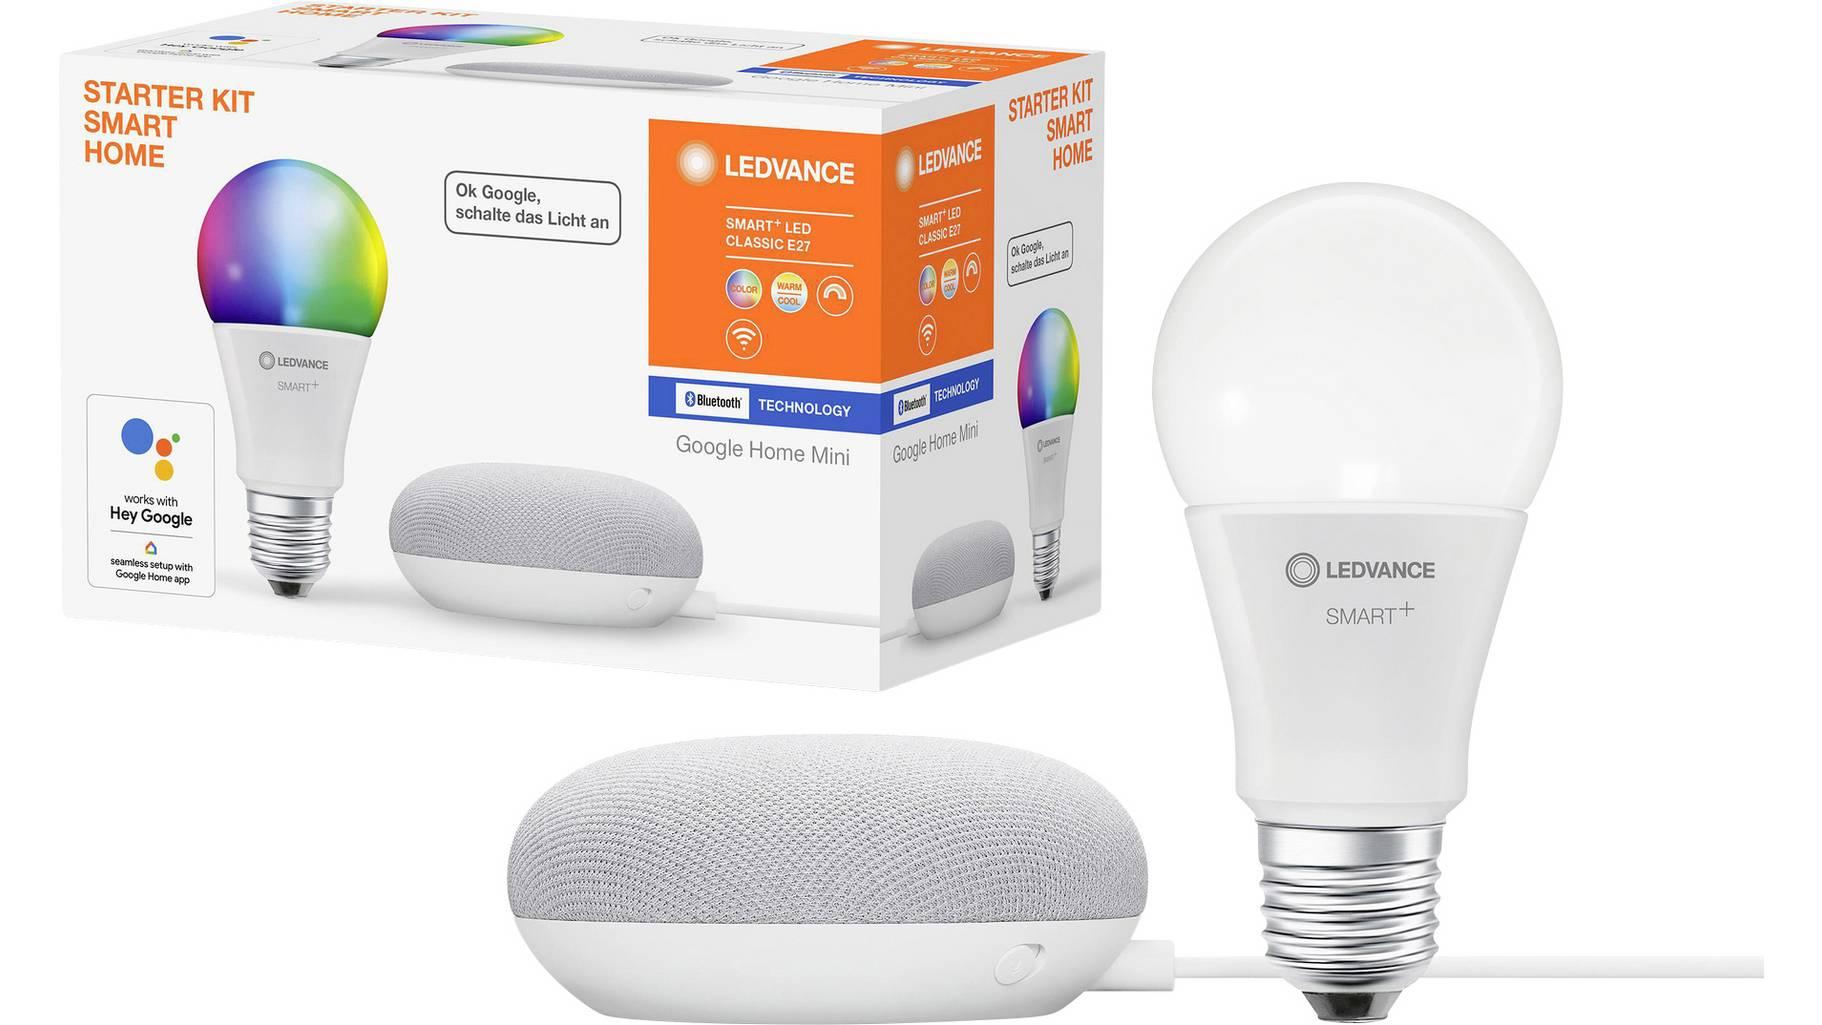 Mehrere Ledvance-Bundles: z.B. Ledvance Starter Kit Smart Home - Google Home Mini Kreide & Smart+ LED Classic E27